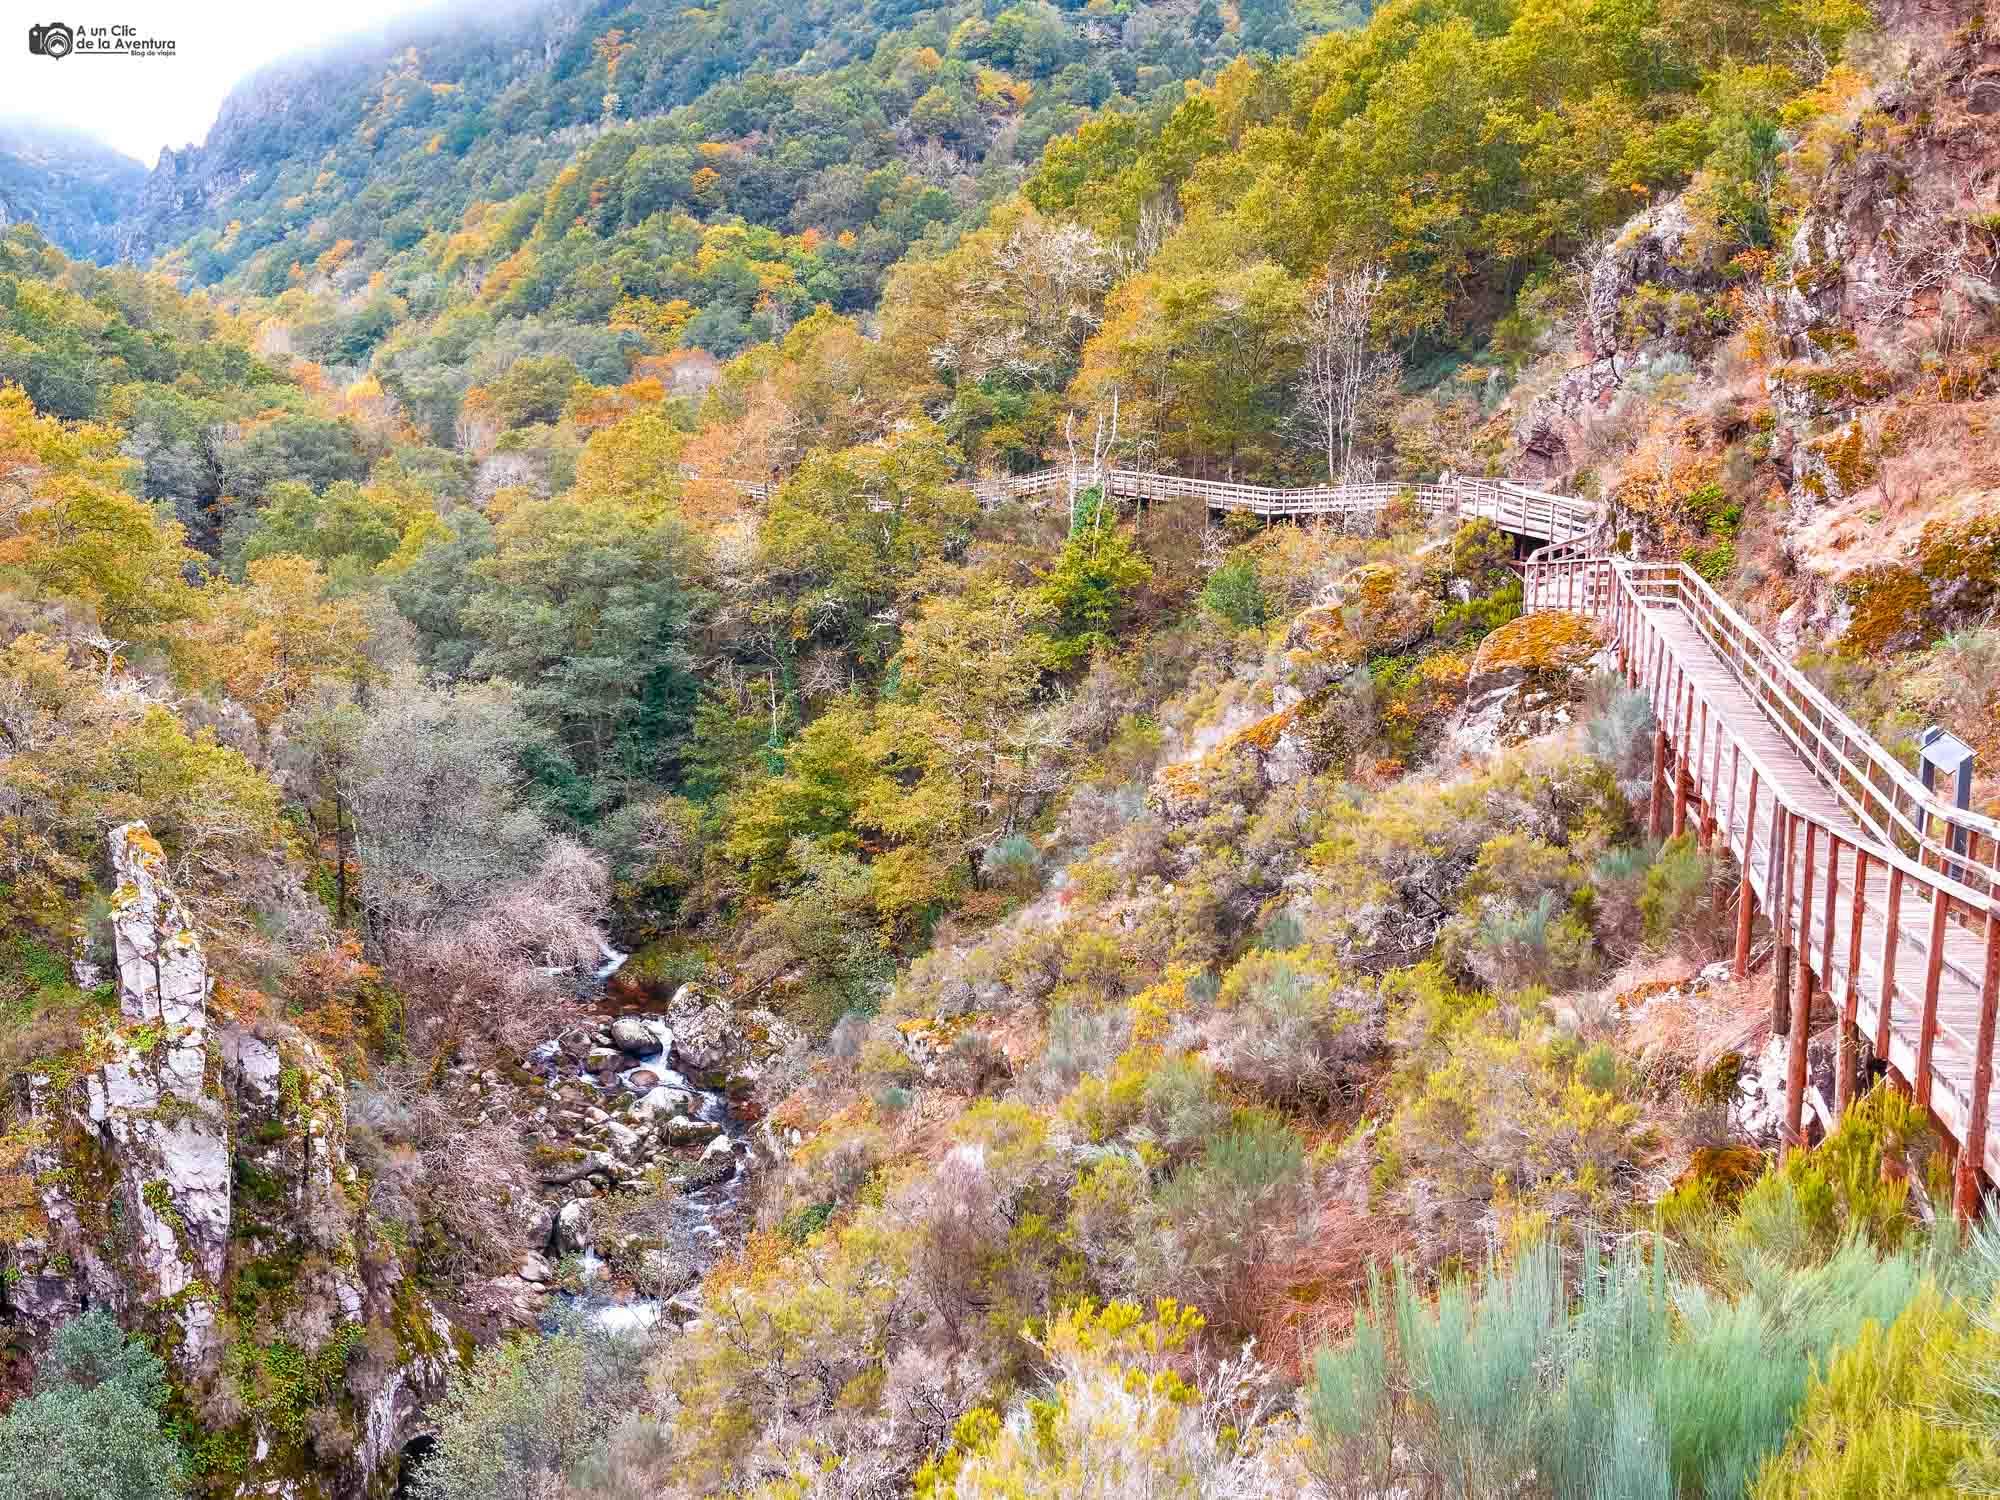 Pasarelas del cañón del río Mao en Ourense